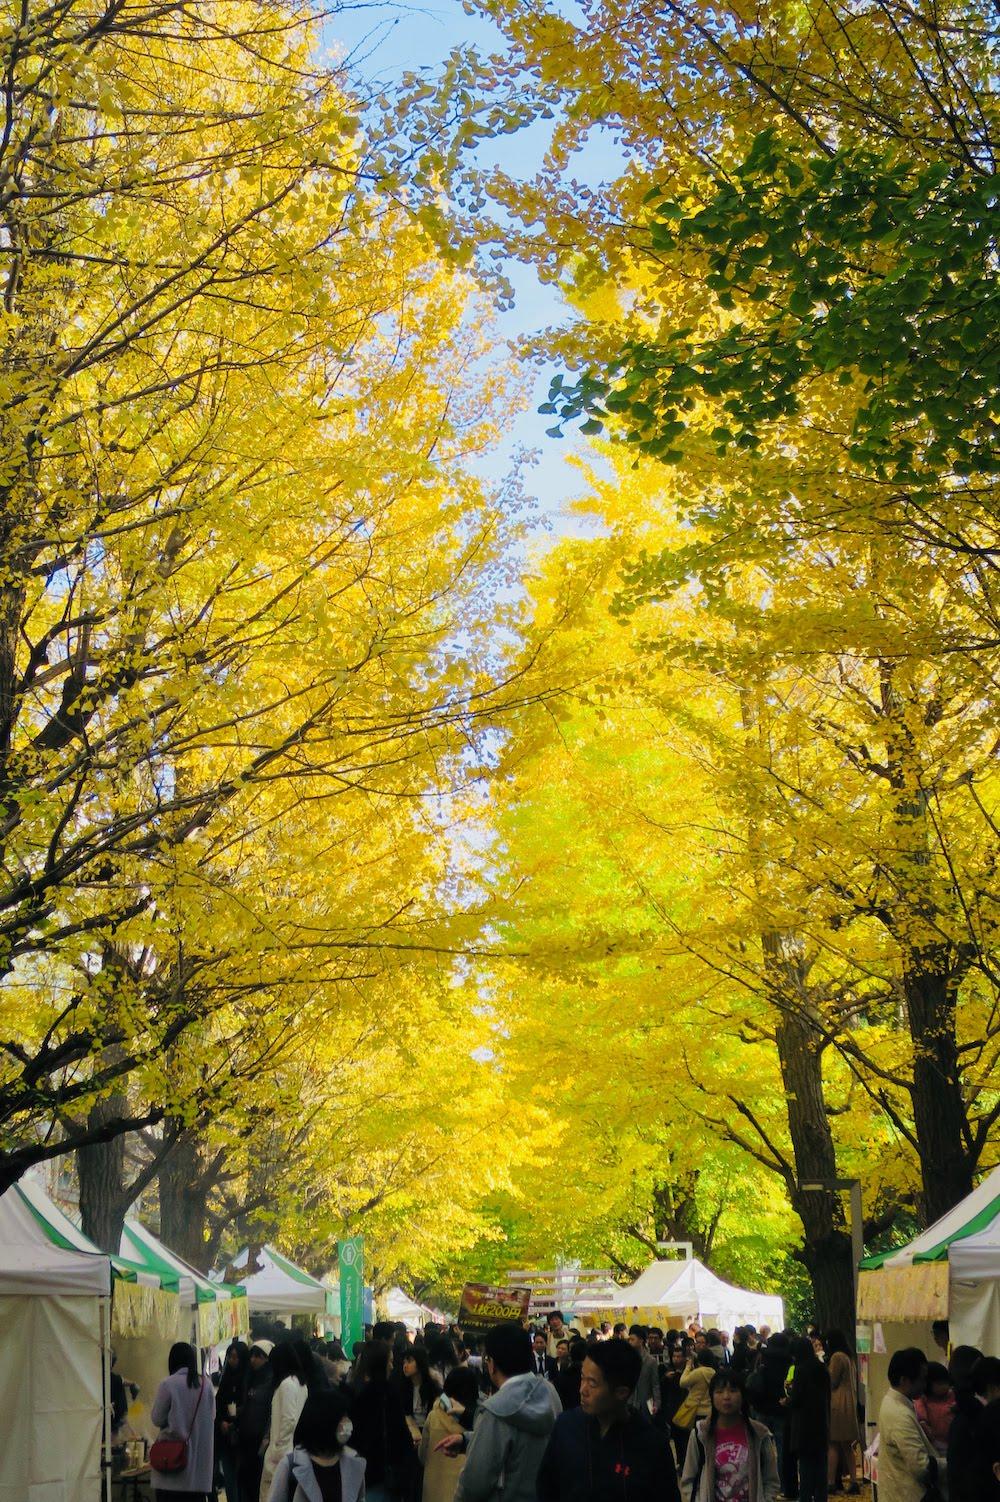 東京大學(駒場校區) 銀杏並木